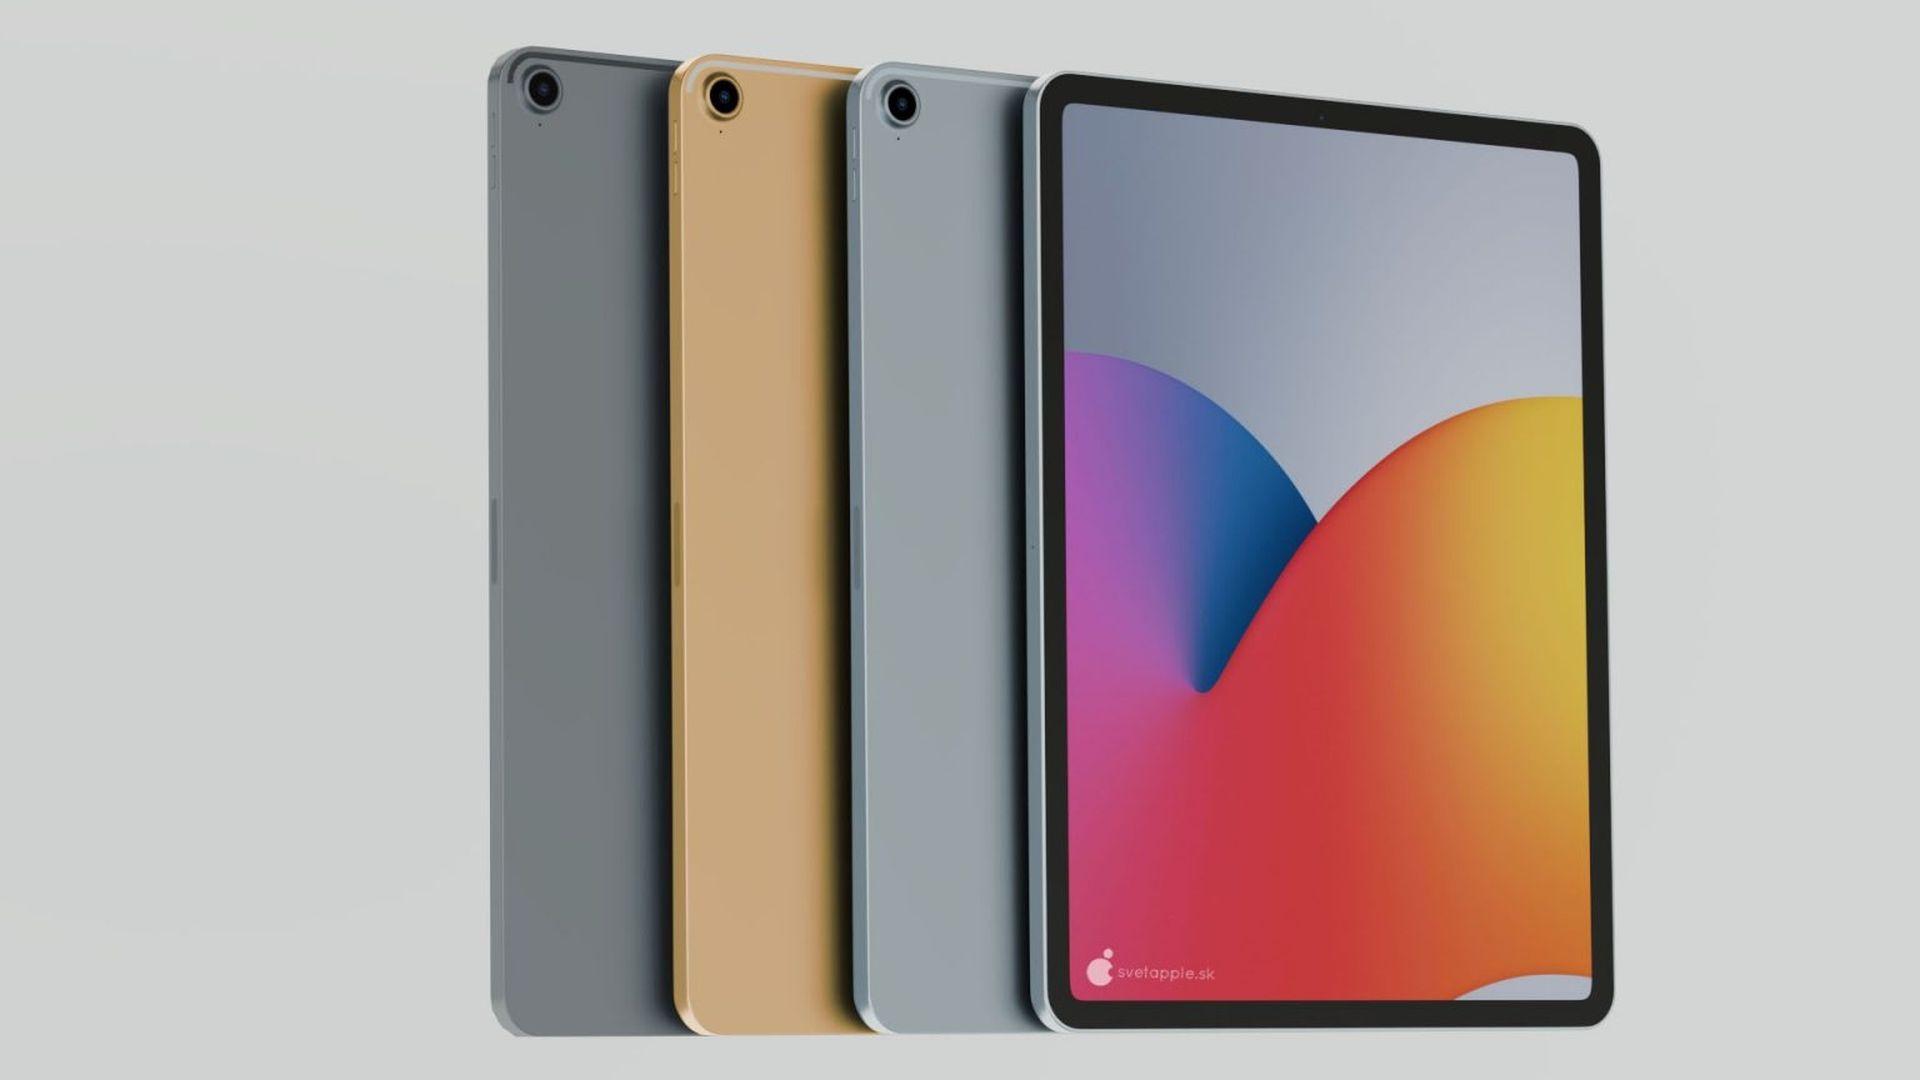 Koncepcyjna wizja iPada Air z funkcją rozpoznawania twarzy Face ID